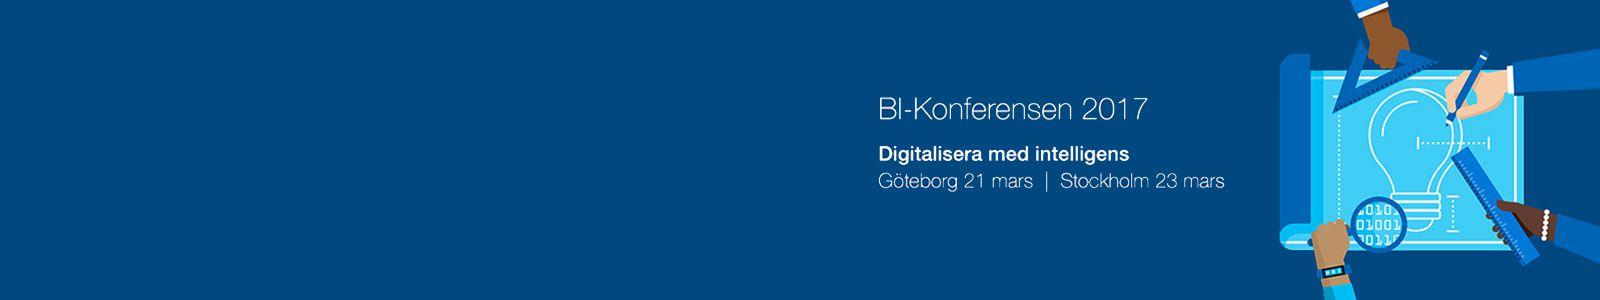 Bi-Konferensen-2017-1600x300